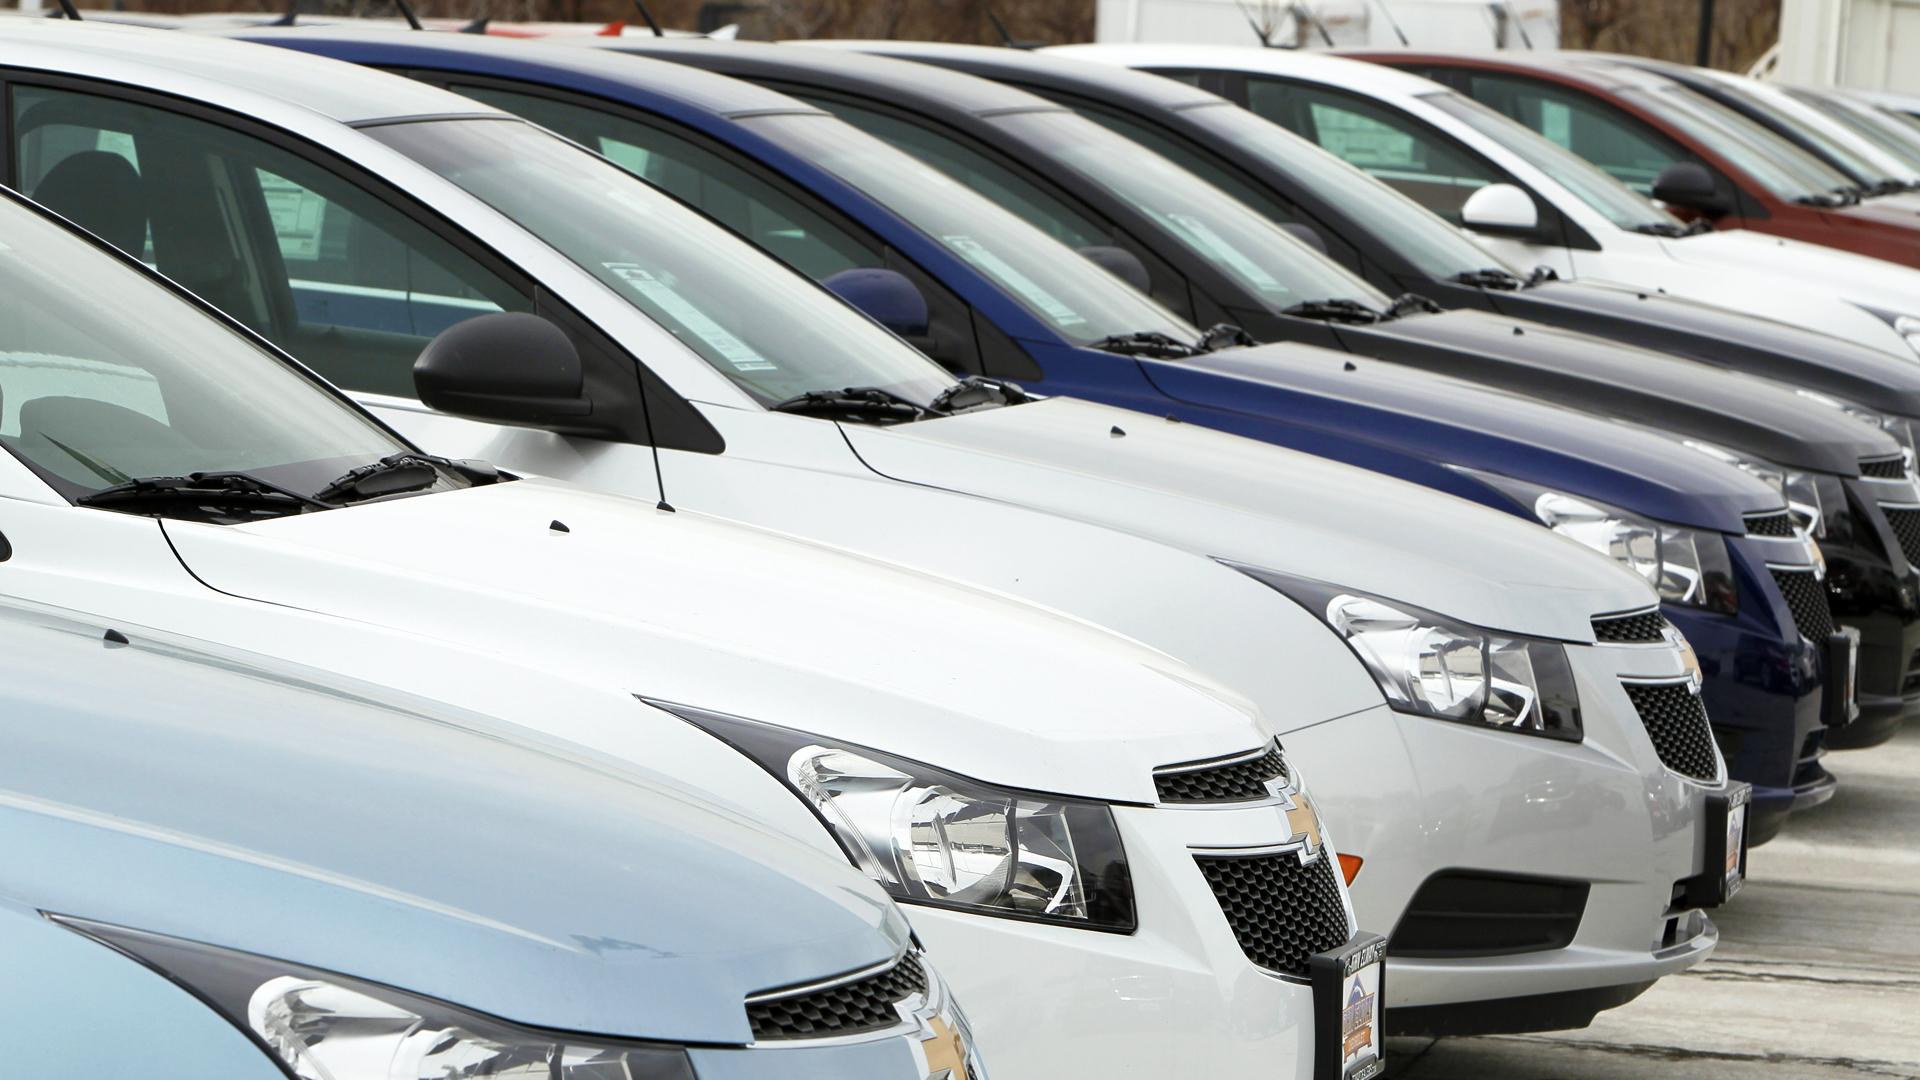 ¿Por qué 50,000 empleados de General Motors están en huelga?